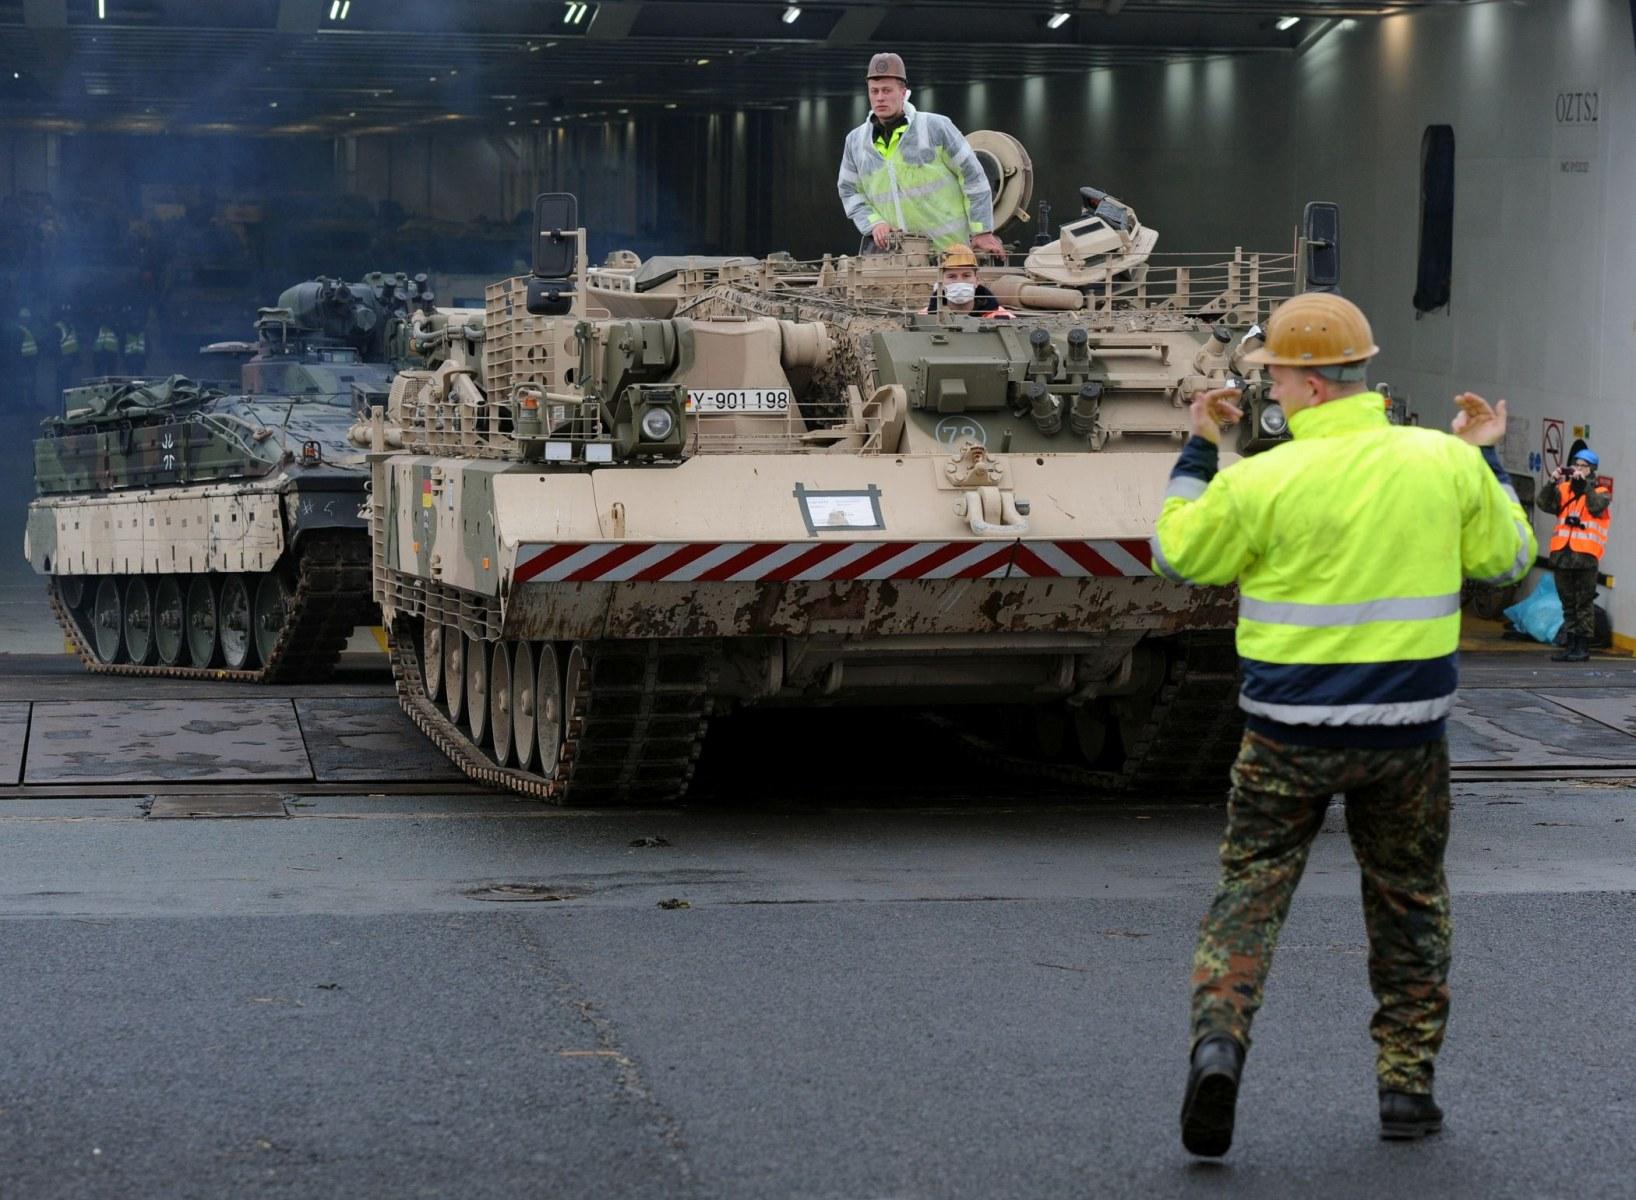 """Ein Bergepanzer """"Büffel"""" zieht am 19.02.2014 einen Schützenpanzer """"Marder"""" aus dem RoRo-Schiff """"Britannia Seaways"""" im Hafen von Emden (Niedersachsen). Die beiden Panzer gehören zu den 258 Gefechts- und Einsatzfahrzeugen der Bundeswehr, die aus Afghanistan nach Deutschland zurückgeführt werden. Foto: Ingo Wagner/dpa +++(c) dpa - Bildfunk+++"""